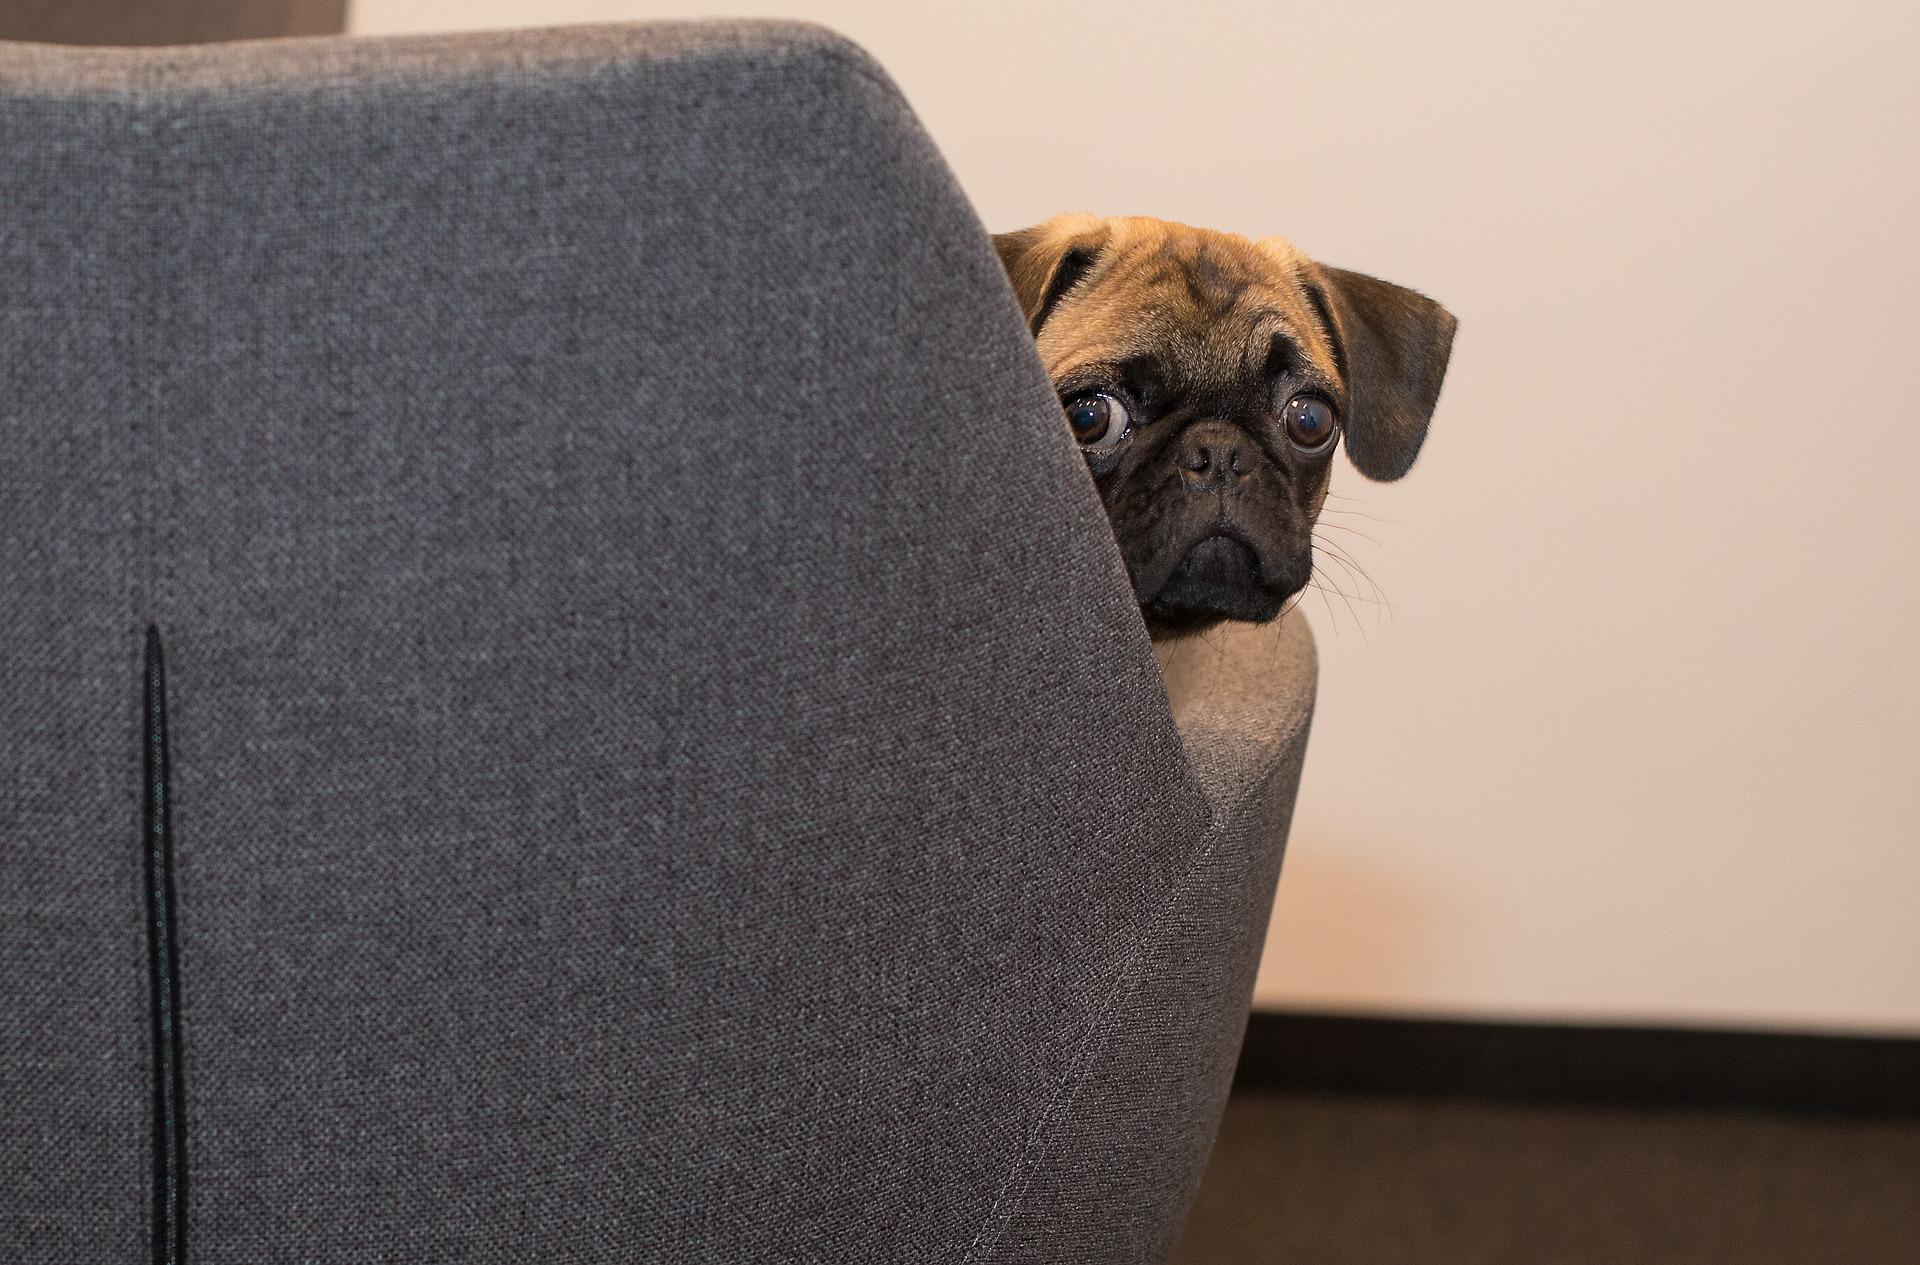 cute dog hiding behind a sofa